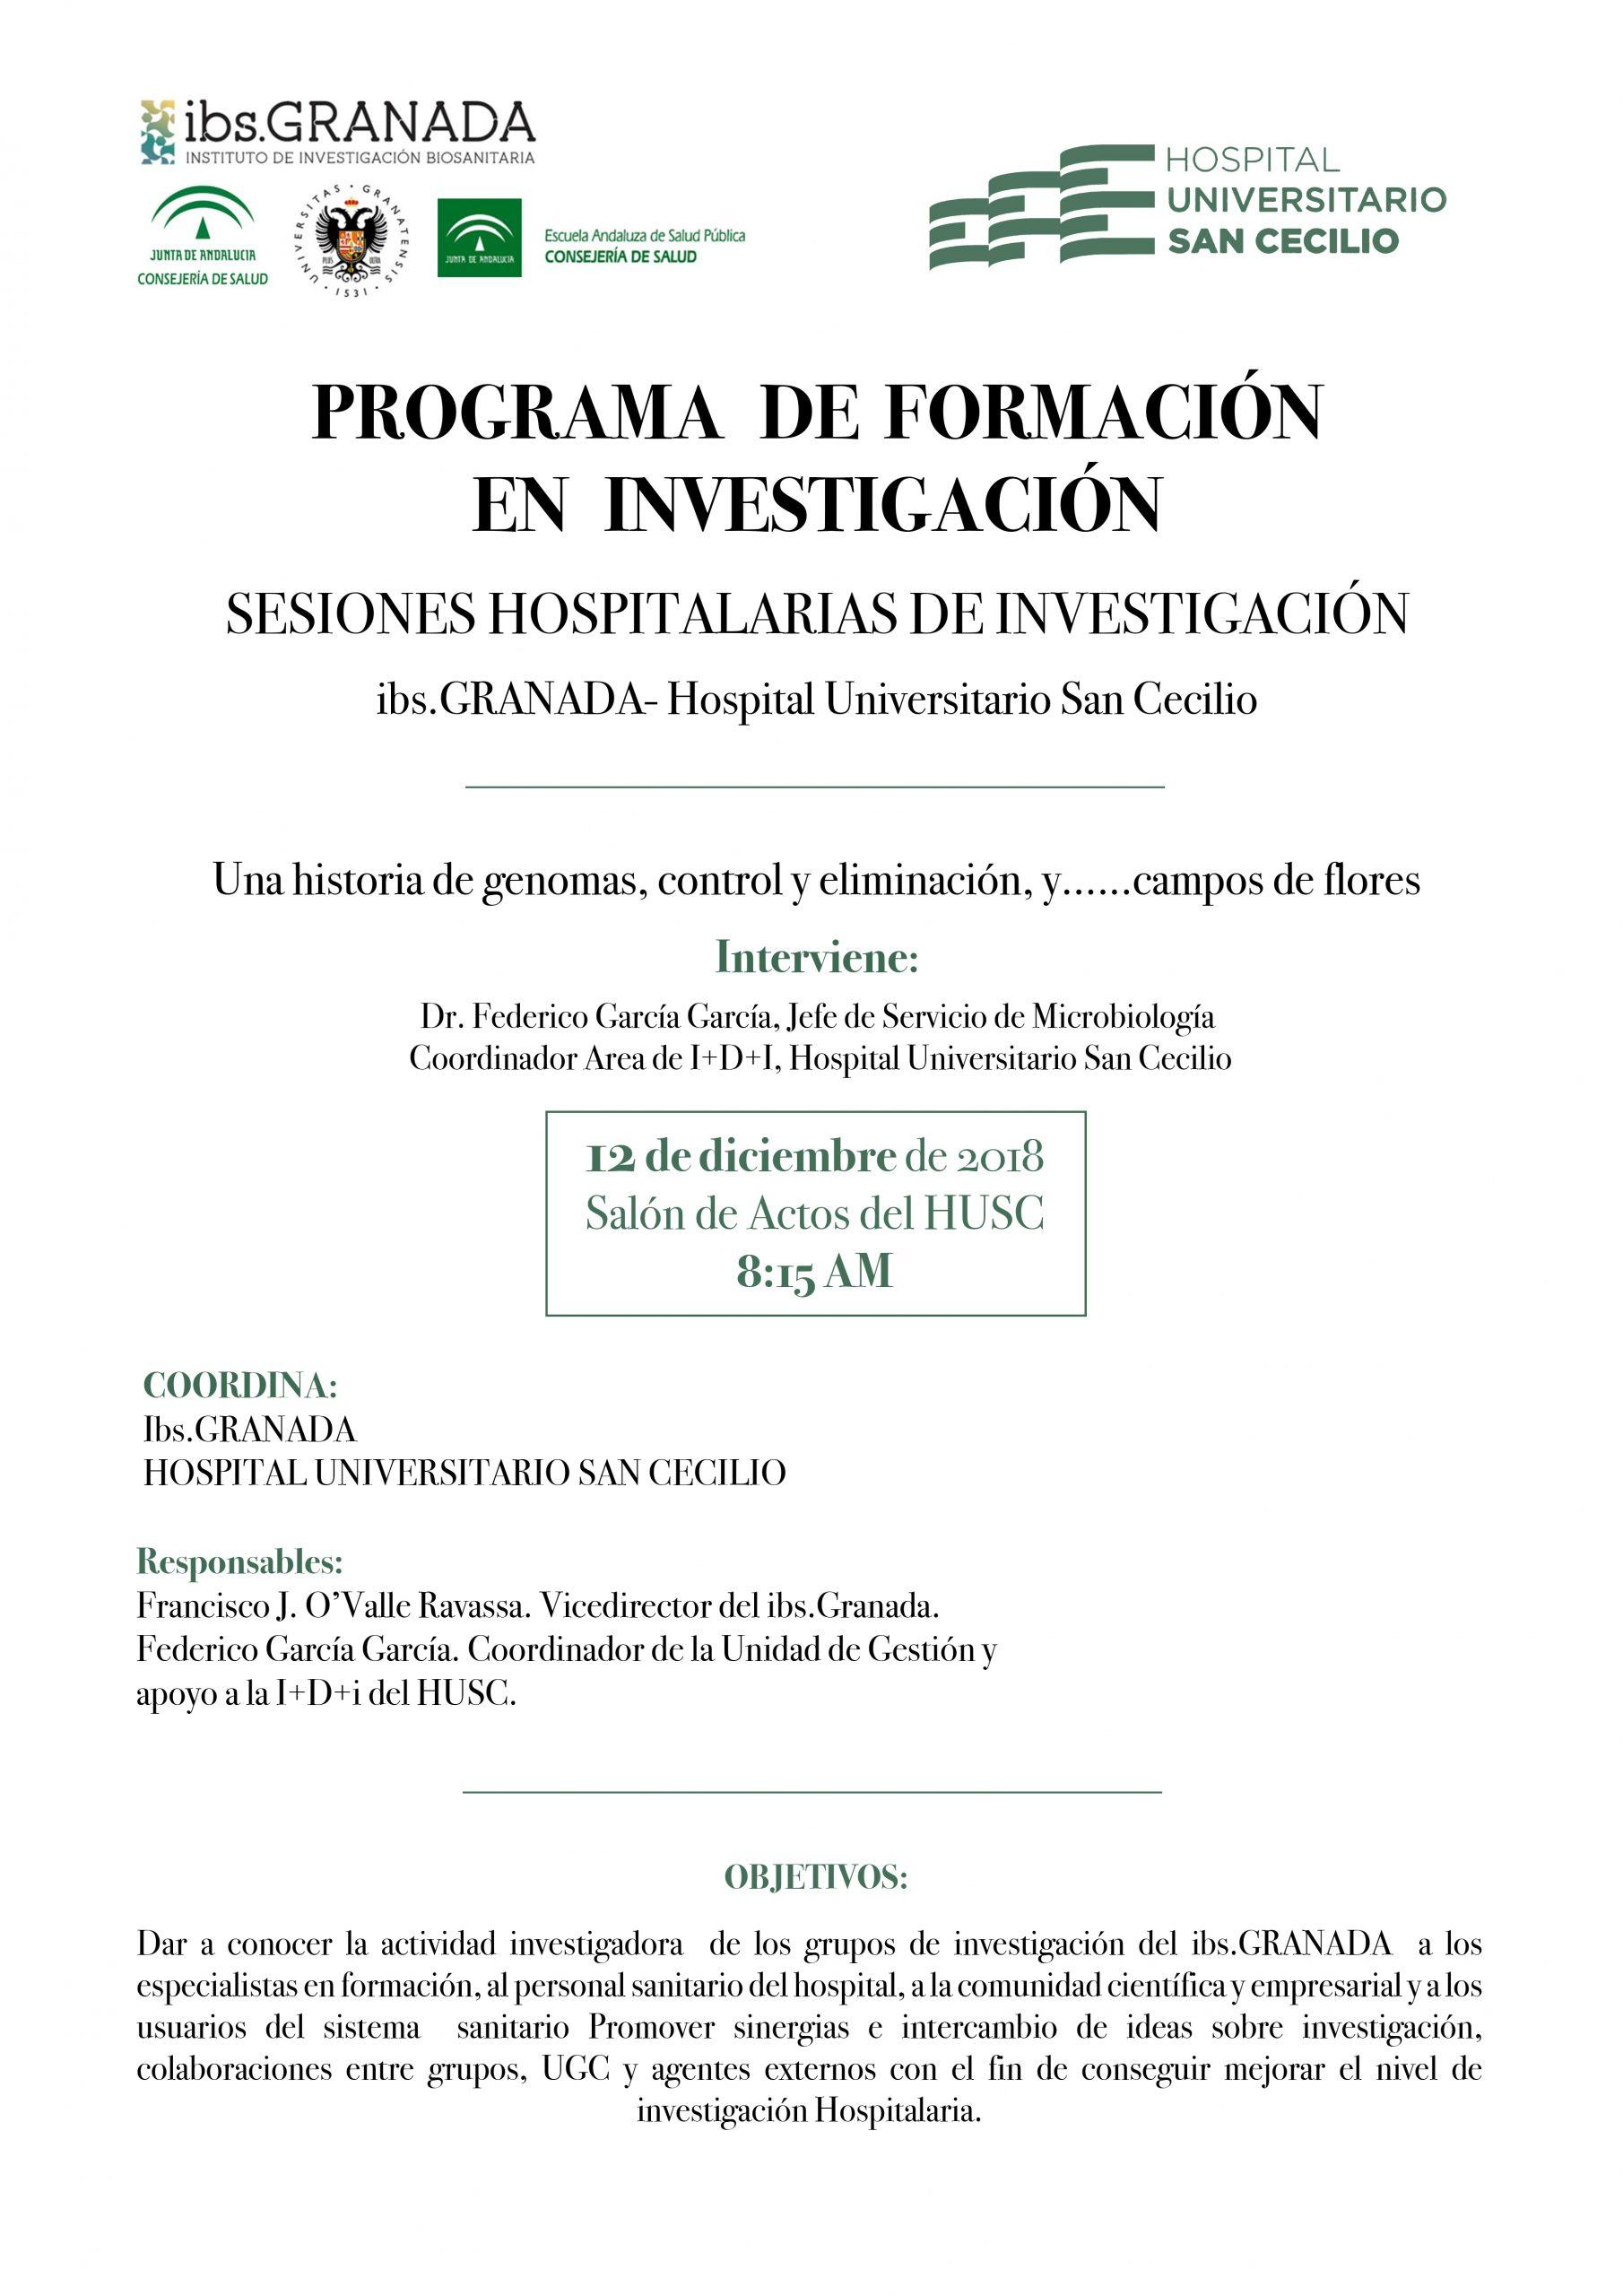 Sesión Hospitalaria ibs.GRANADA: Una historia de genomas, control y eliminación y ...campos de flores